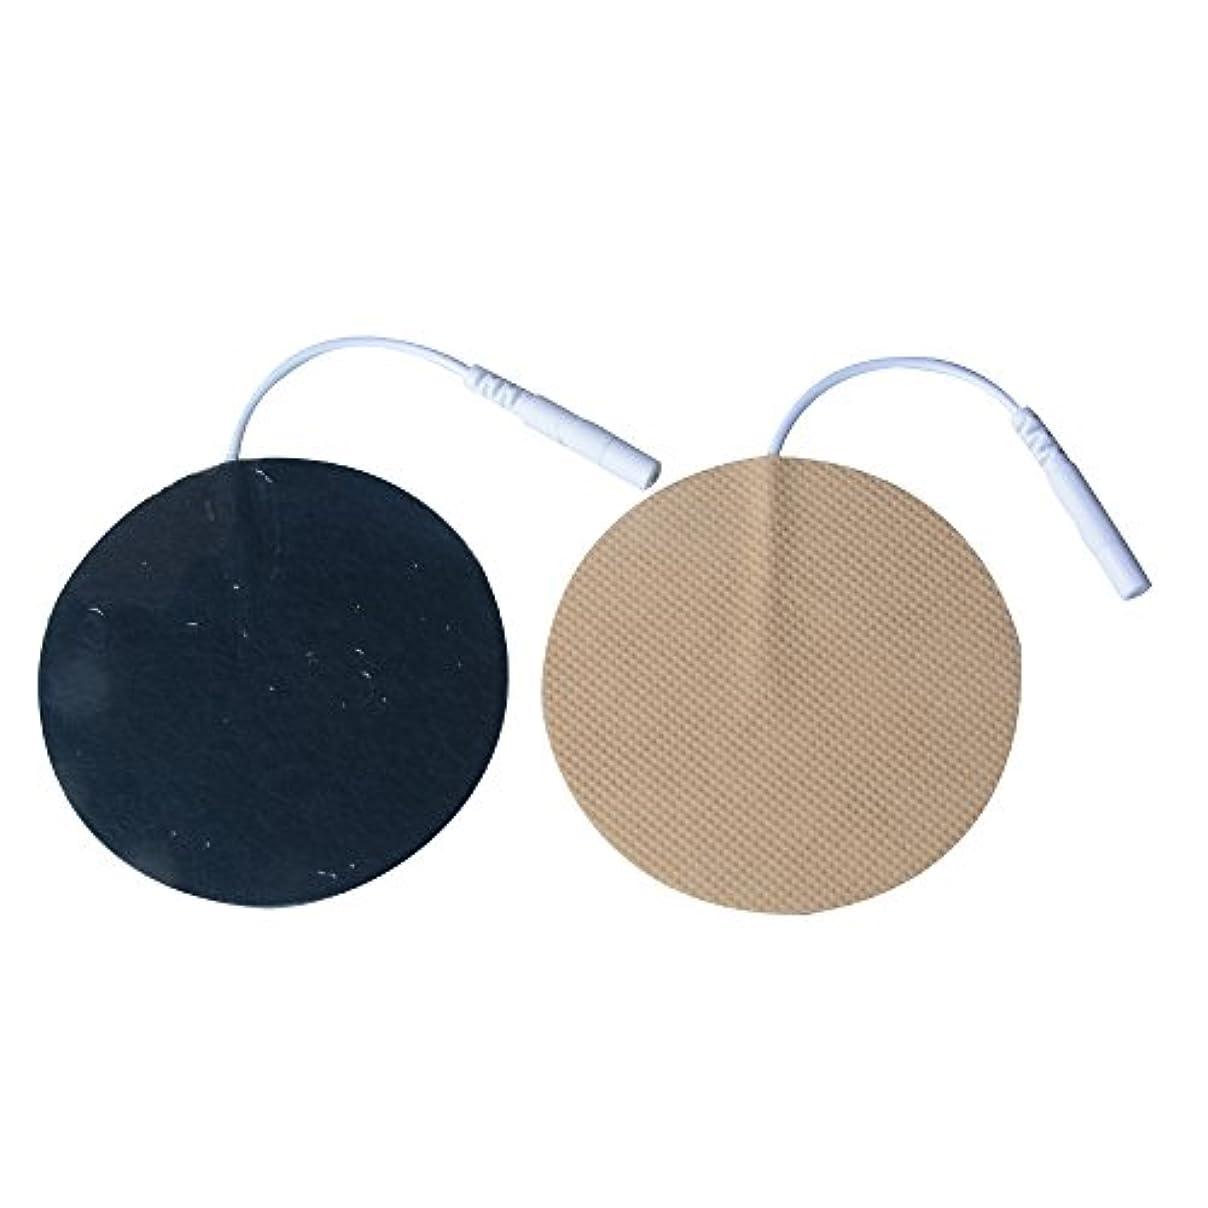 クリープ所持座るアクセルガード【EMS/TENS用粘着パッド】低周波用 電極パッド 粘着パッド 丸型 直径 7 cm 10ペア/20枚入り